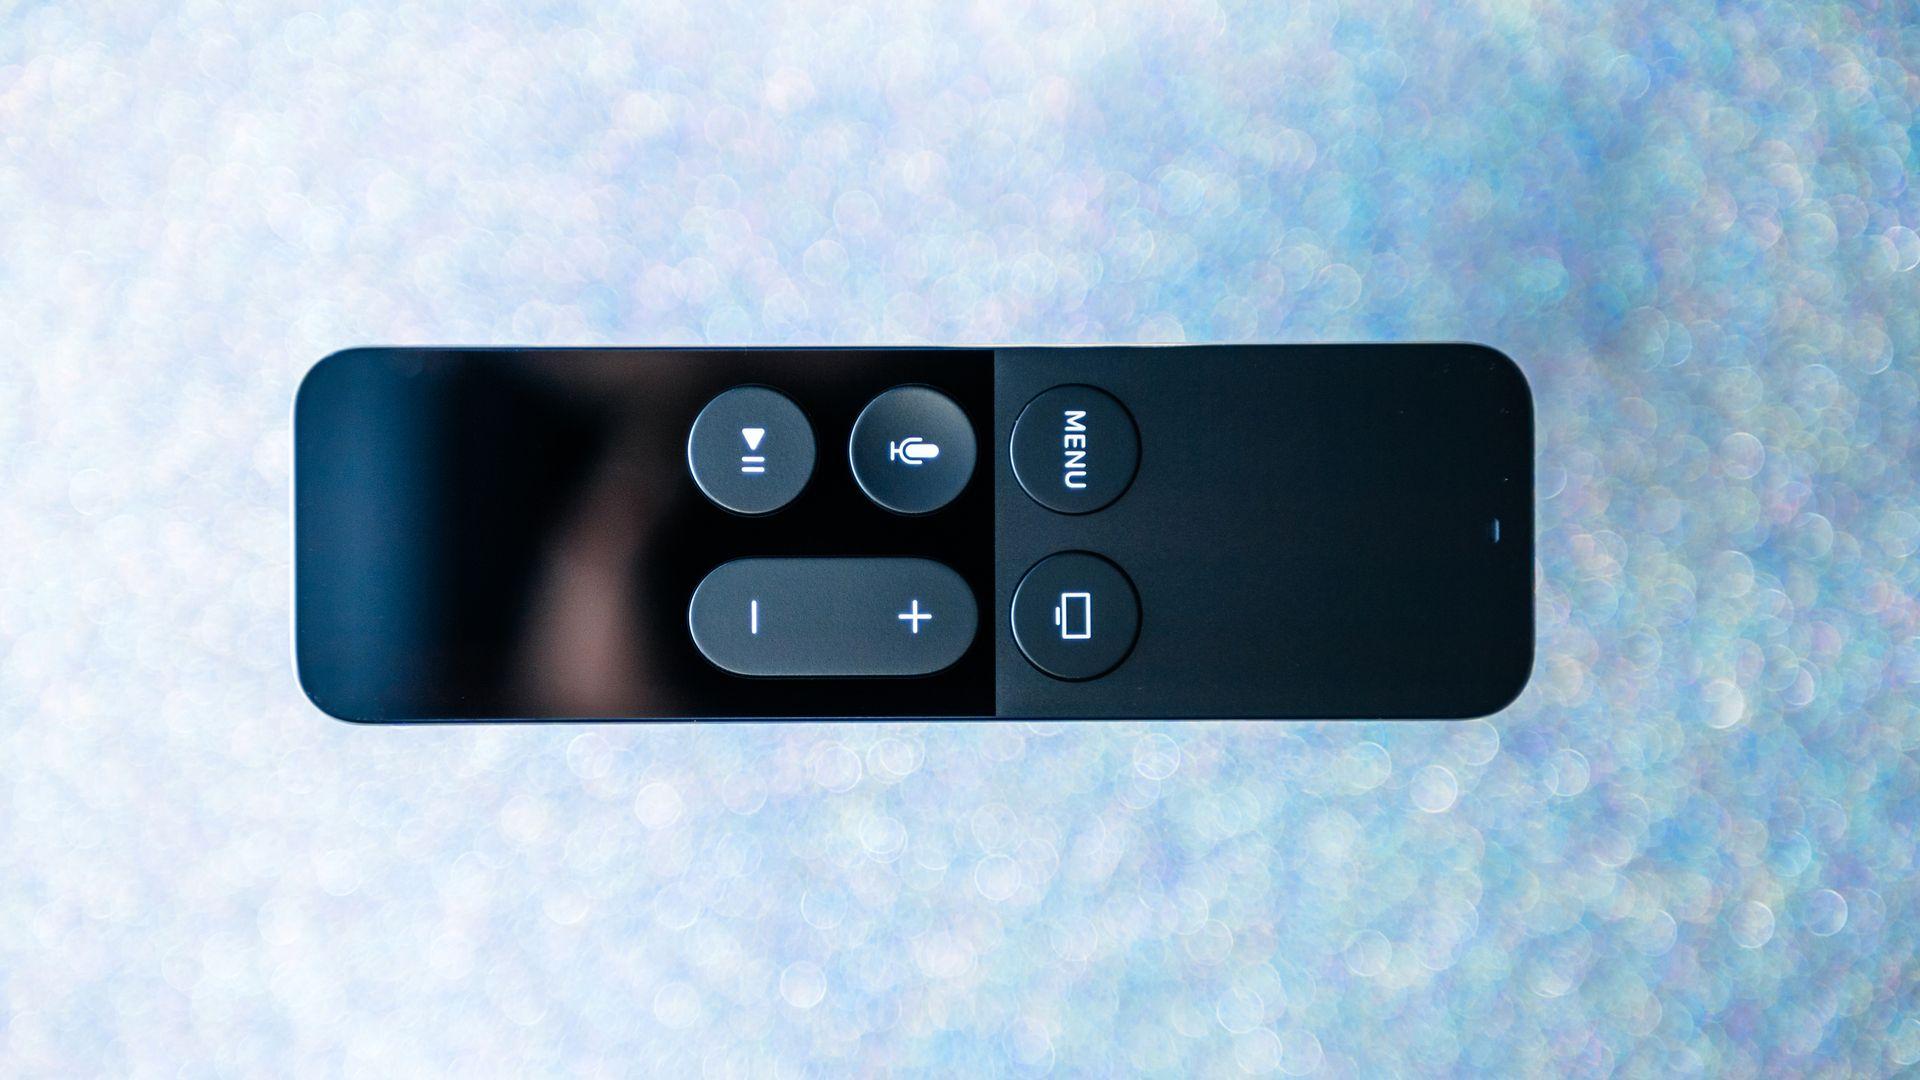 Siri Remote, o controle da Apple TV 4K, tem parte frontal em vidro e textura diferenciada.(Imagem: Hadrian/Shutterstock)